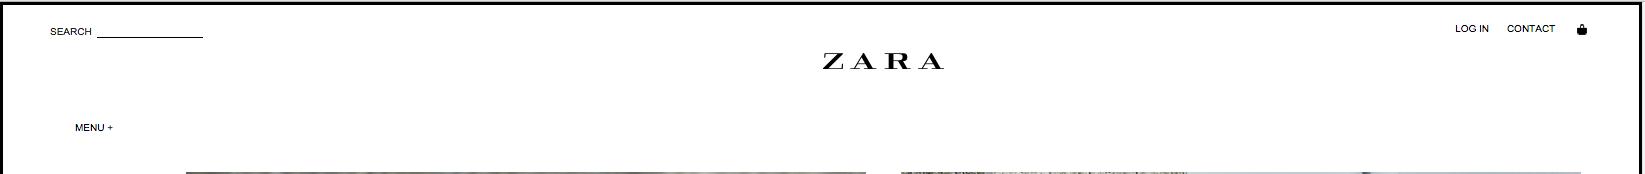 zara header